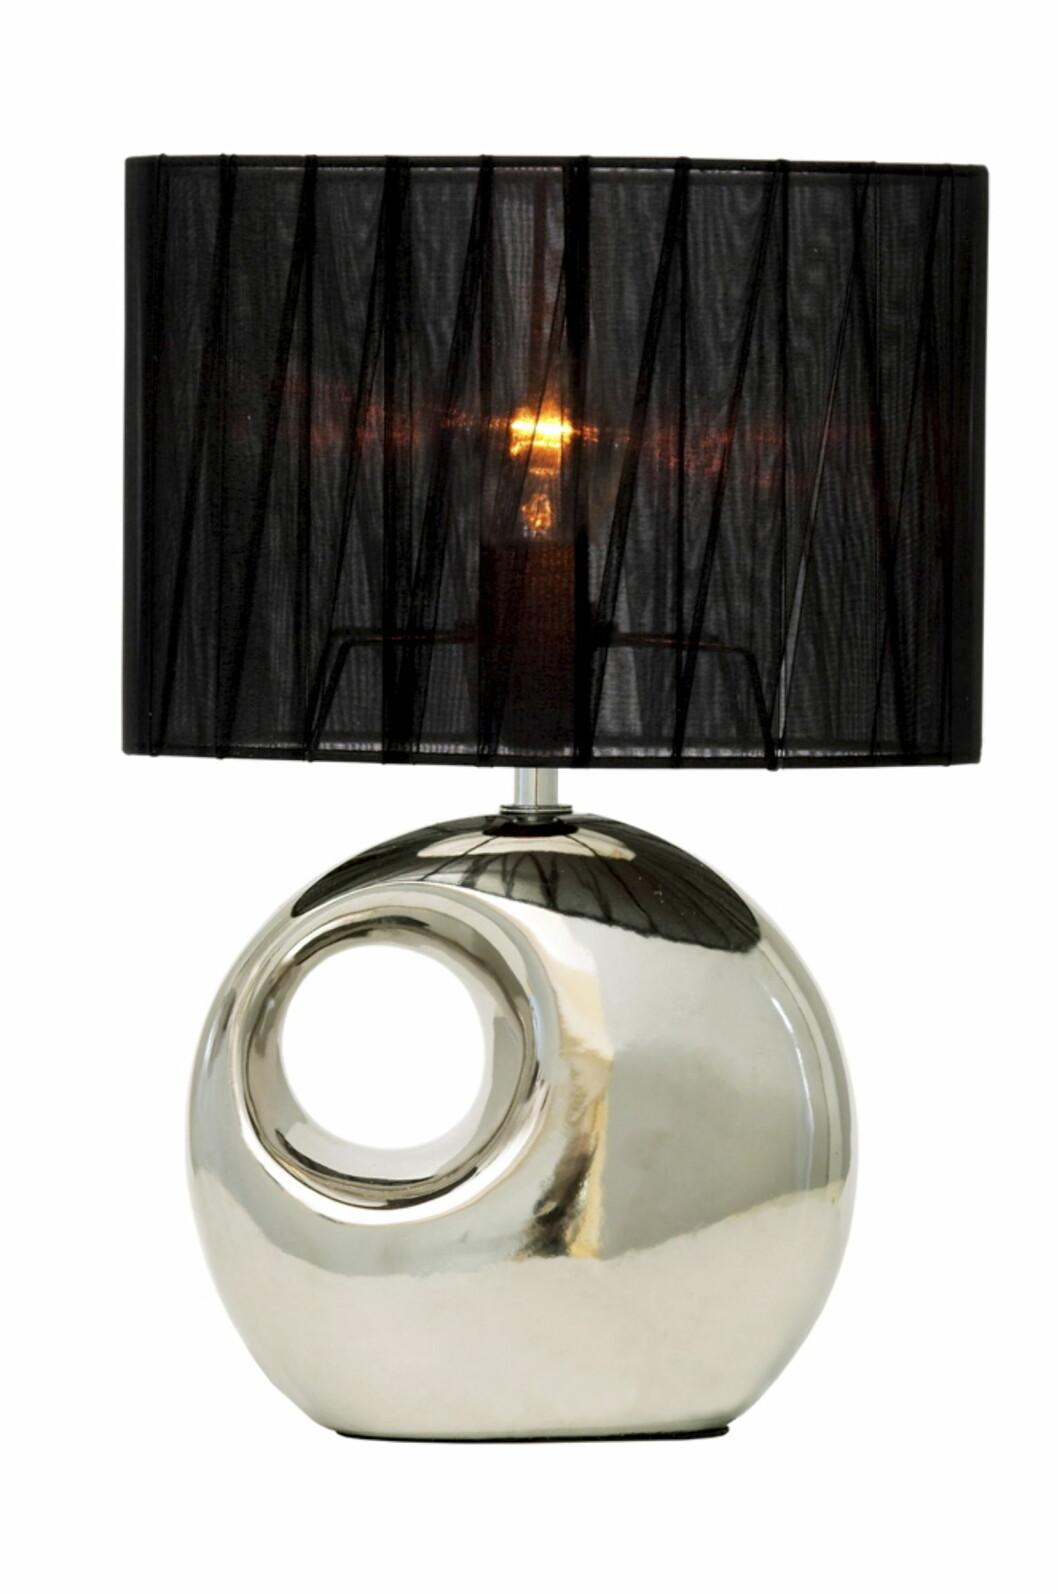 Hole bordlampe (H32cm) er laget av kjeramikk og har stoffskjerm. Passer også i vinduet (kr 300, Jotex).